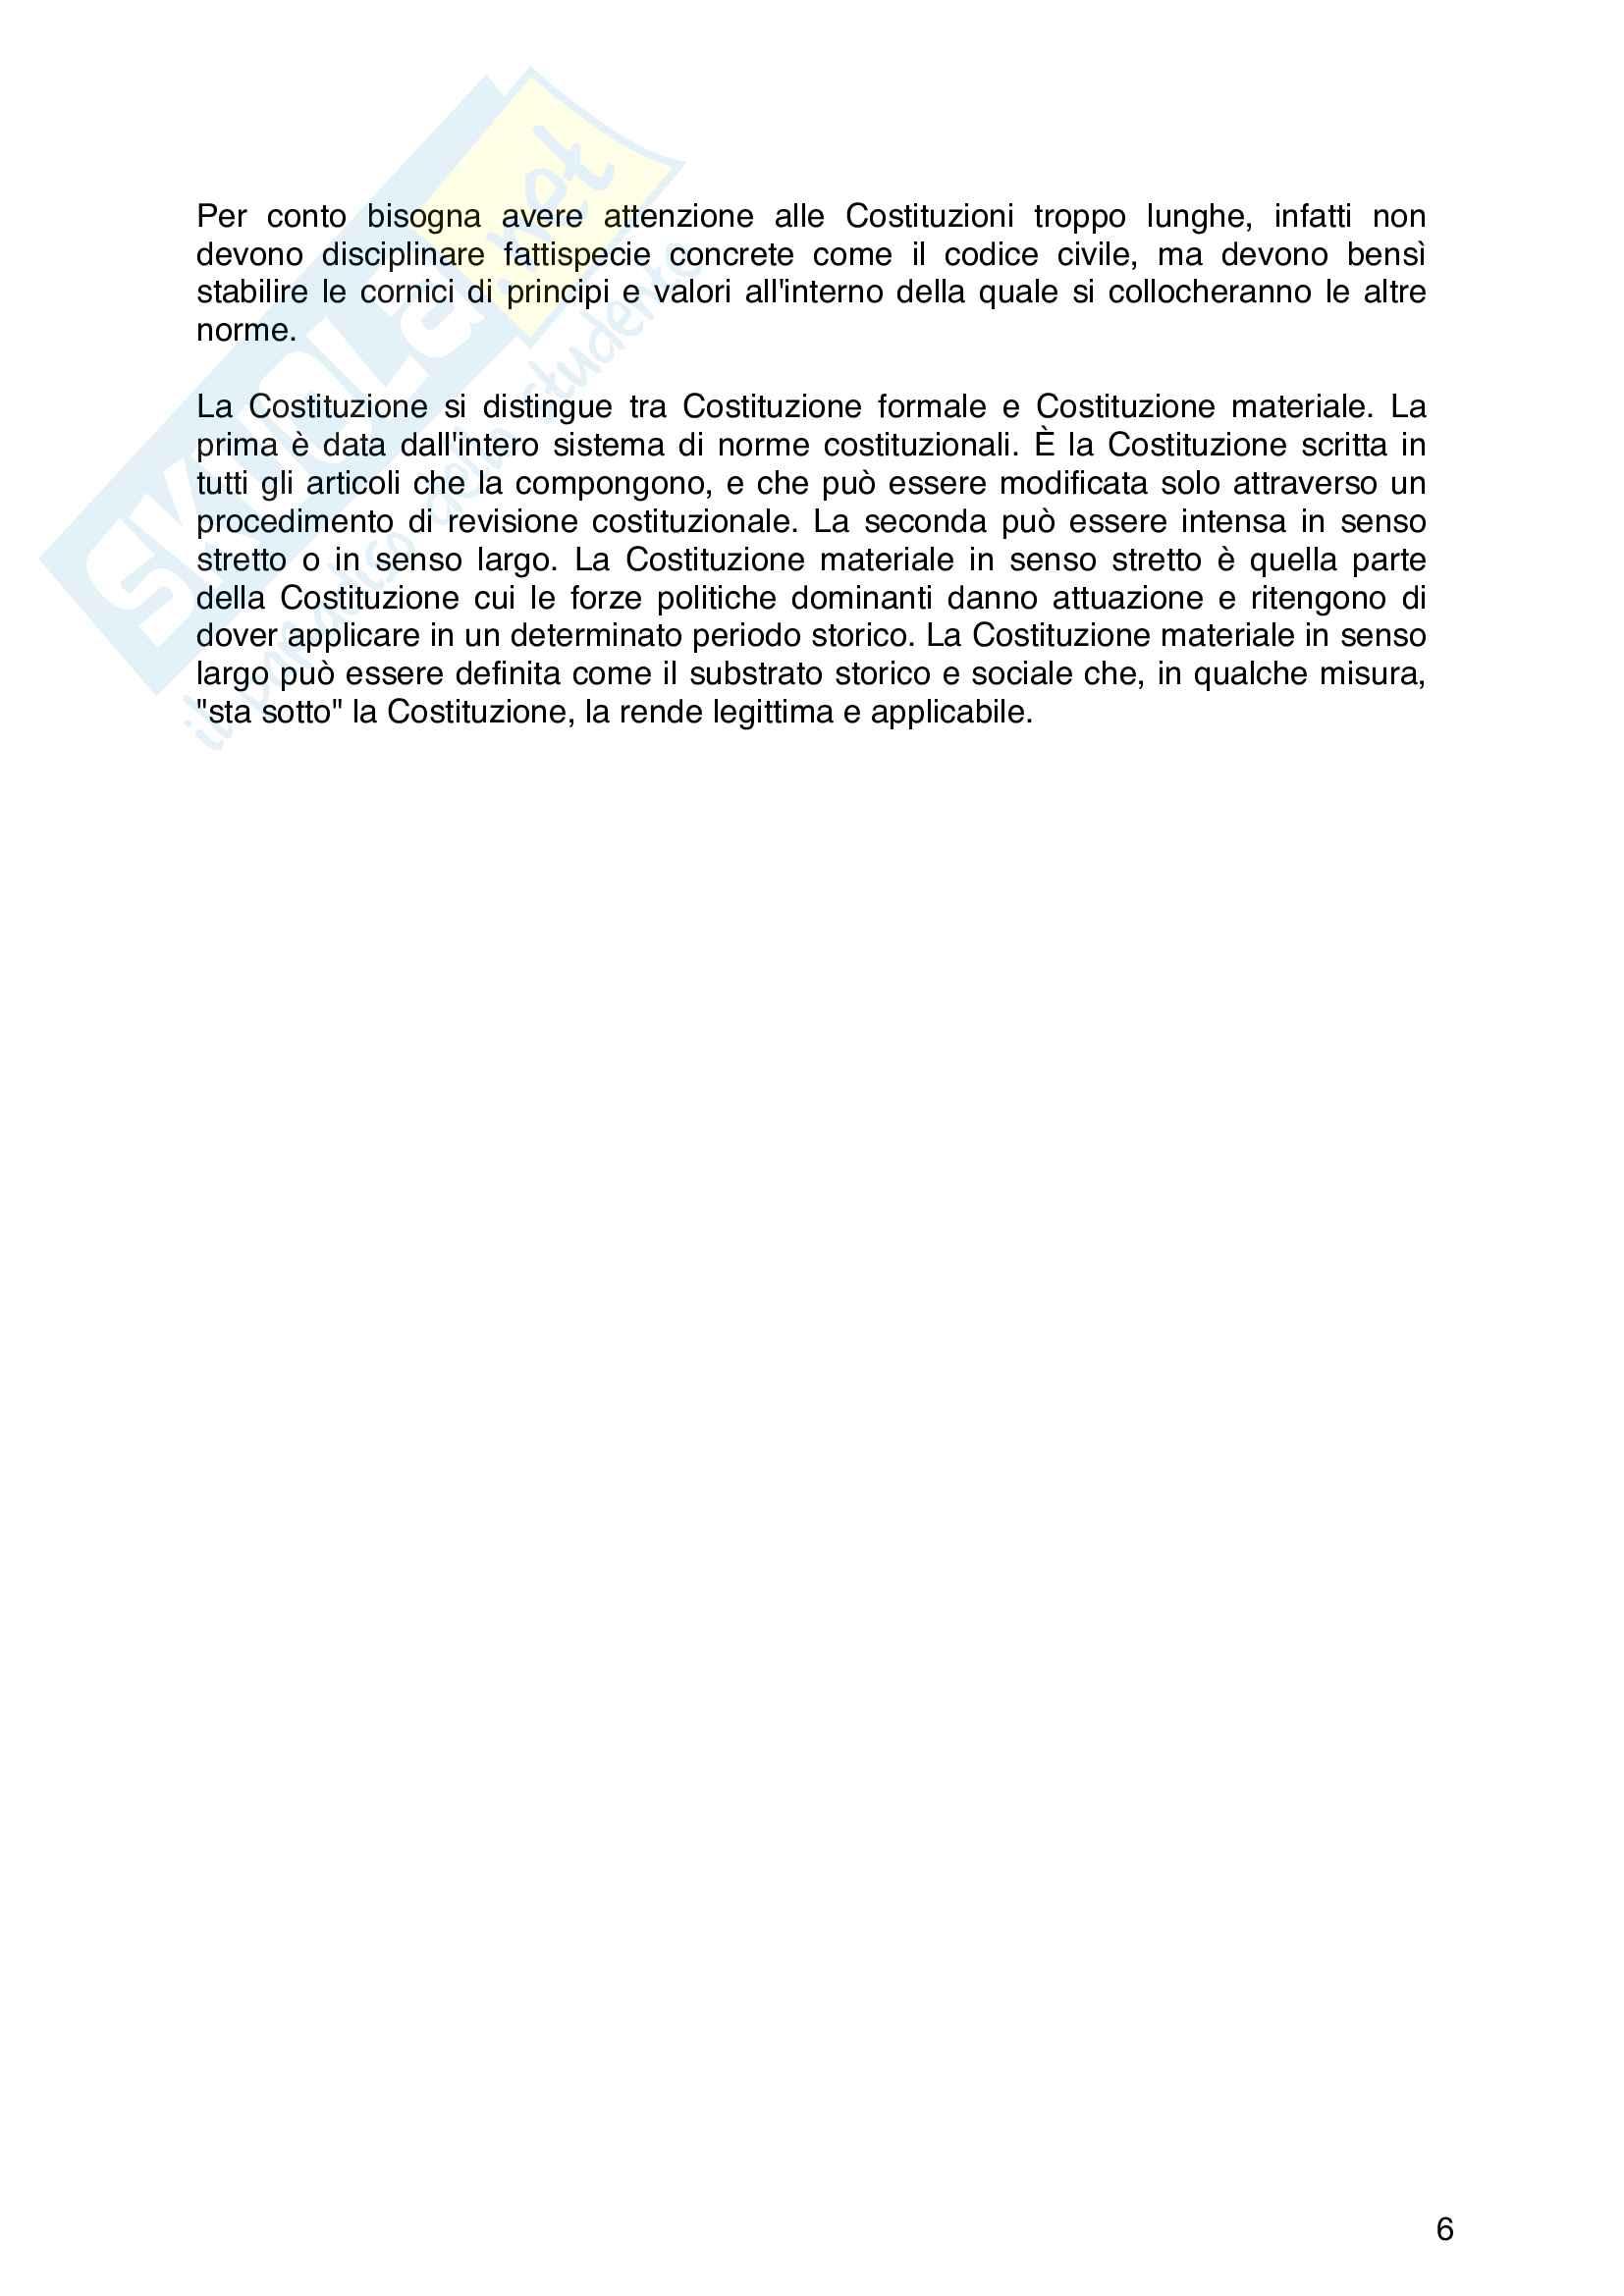 Riassunto esame di Diritto Costituzionale, libro di riferimento : Diritto costituzionale, Pisaneschi Pag. 6